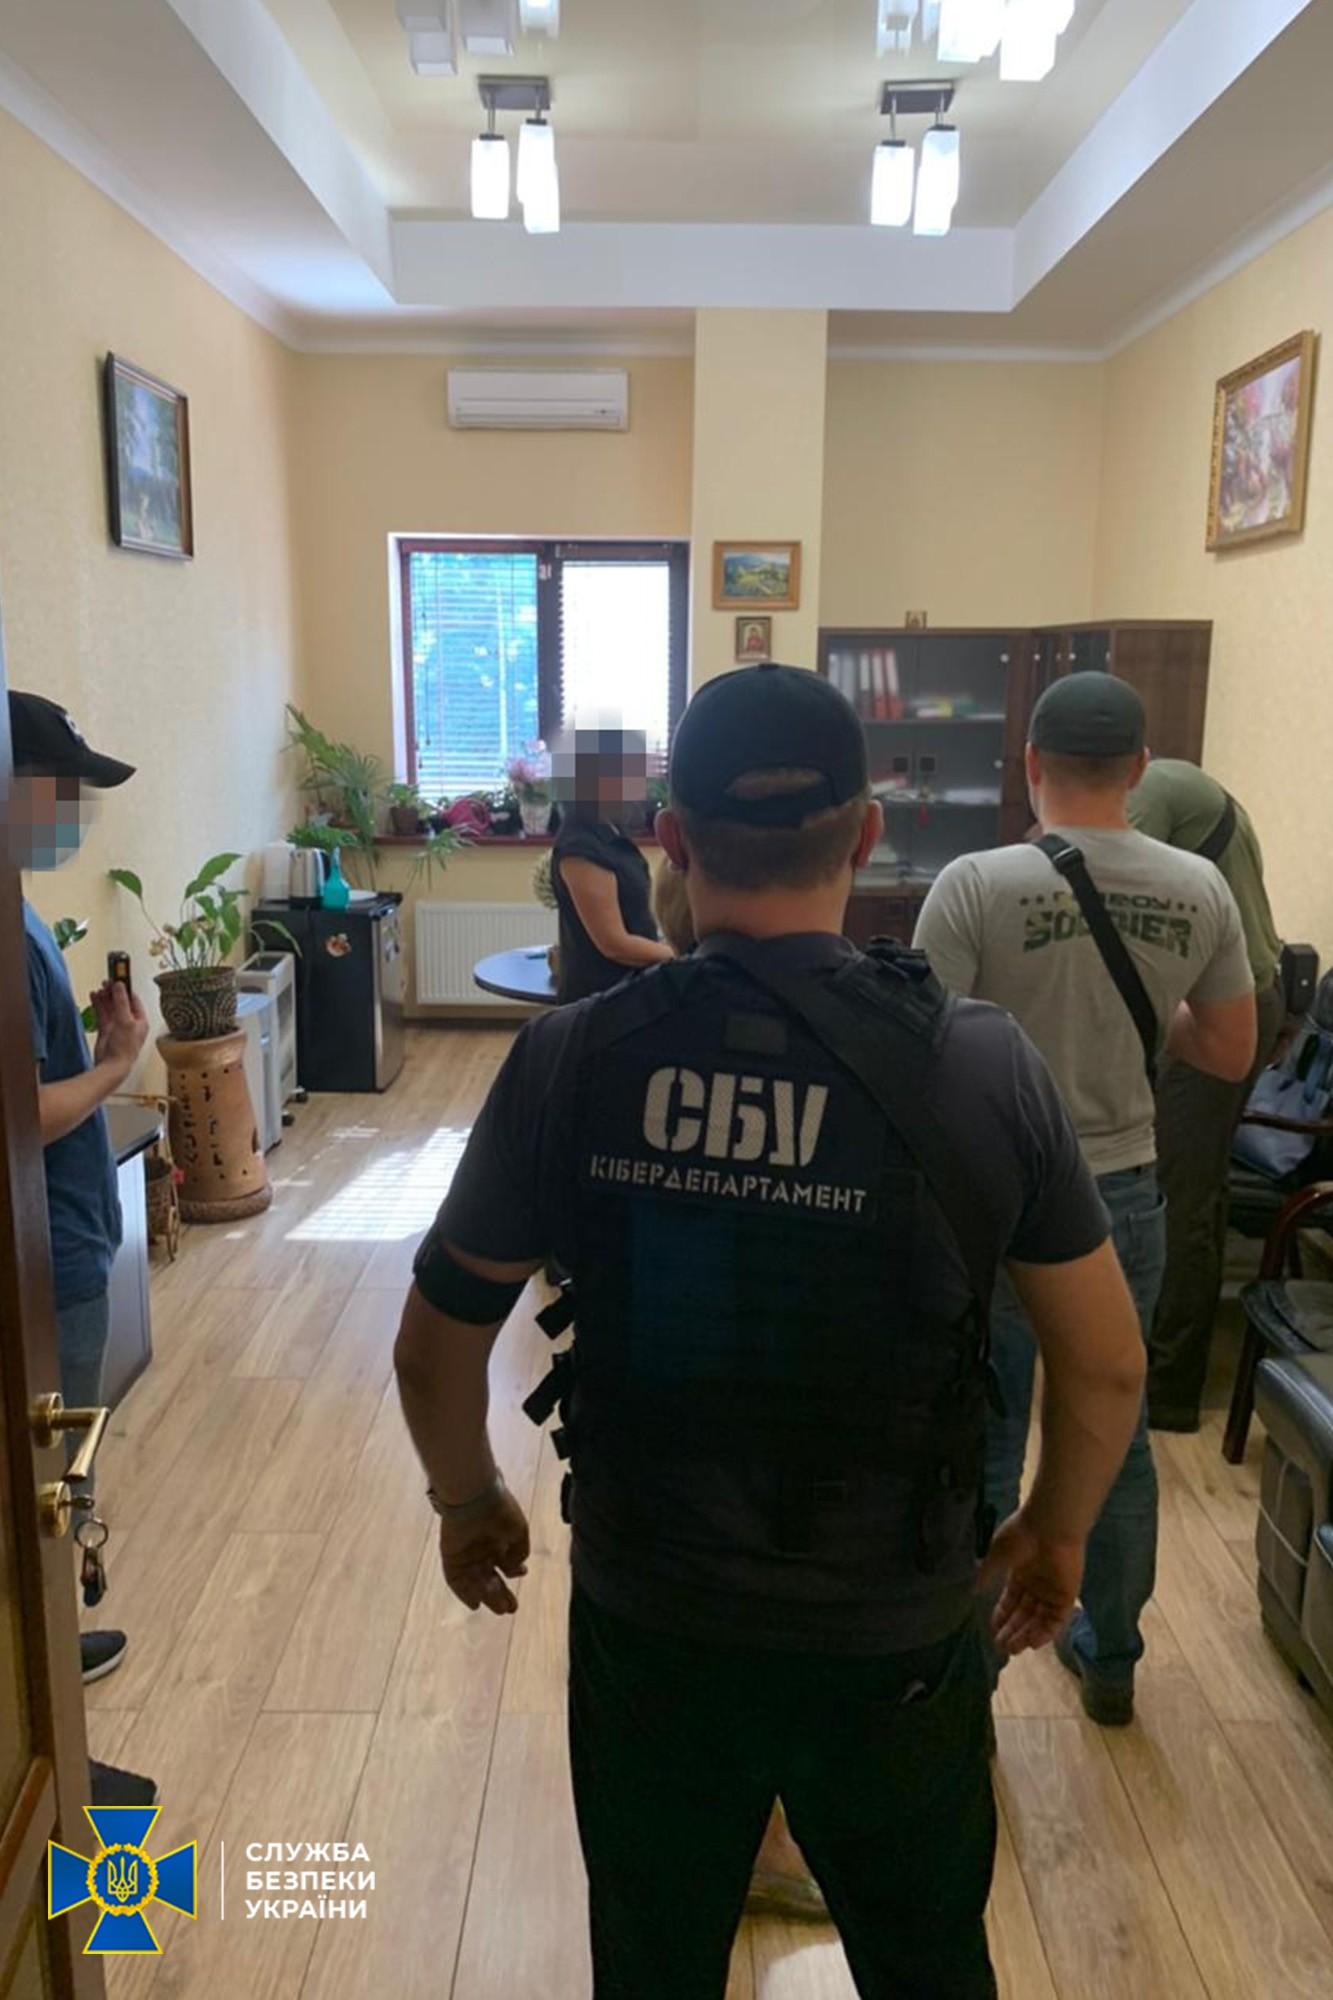 СБУ предотвратила незаконную приватизацию 45 государственных санаториев и объектов недвижимости на сумму около 5 миллиардов гривен